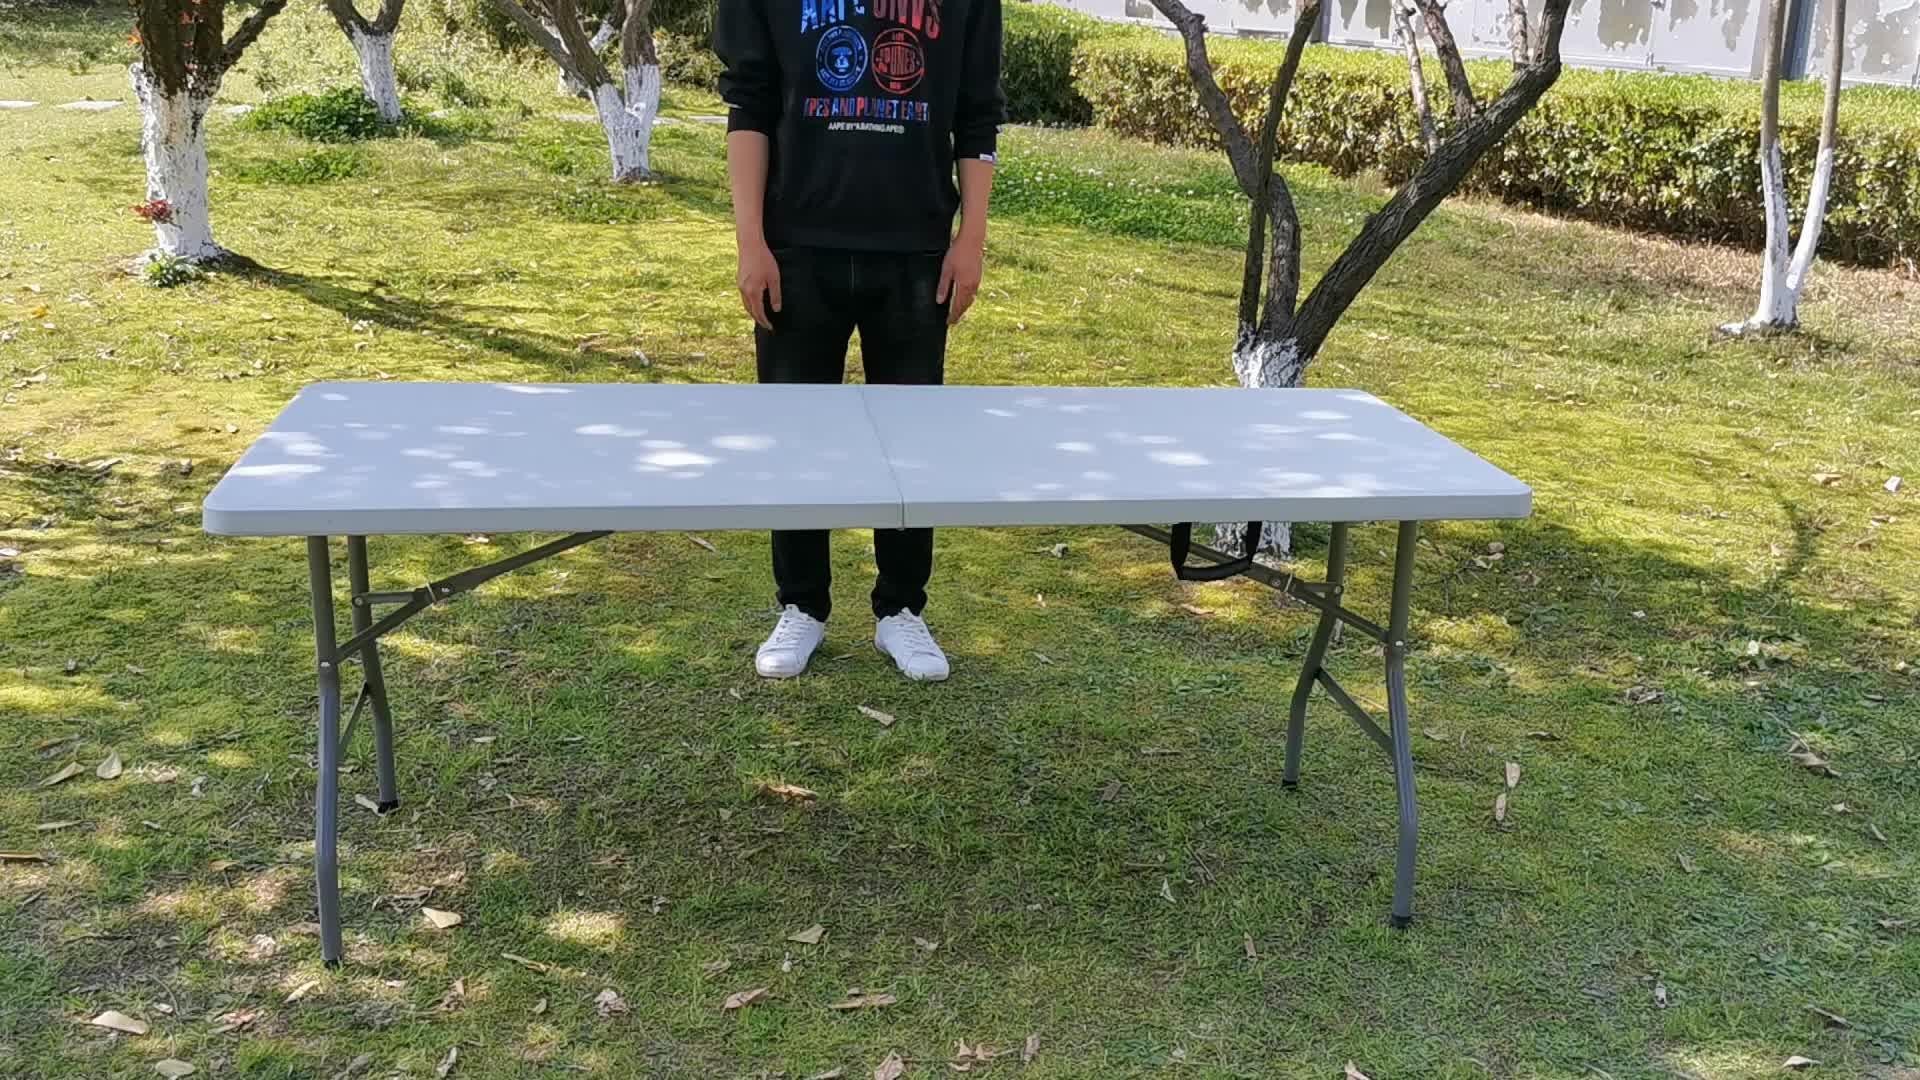 Camping tisch, 6ft kunststoff klapp halbe tisch | 1,8 M kunststoff klapp esstisch